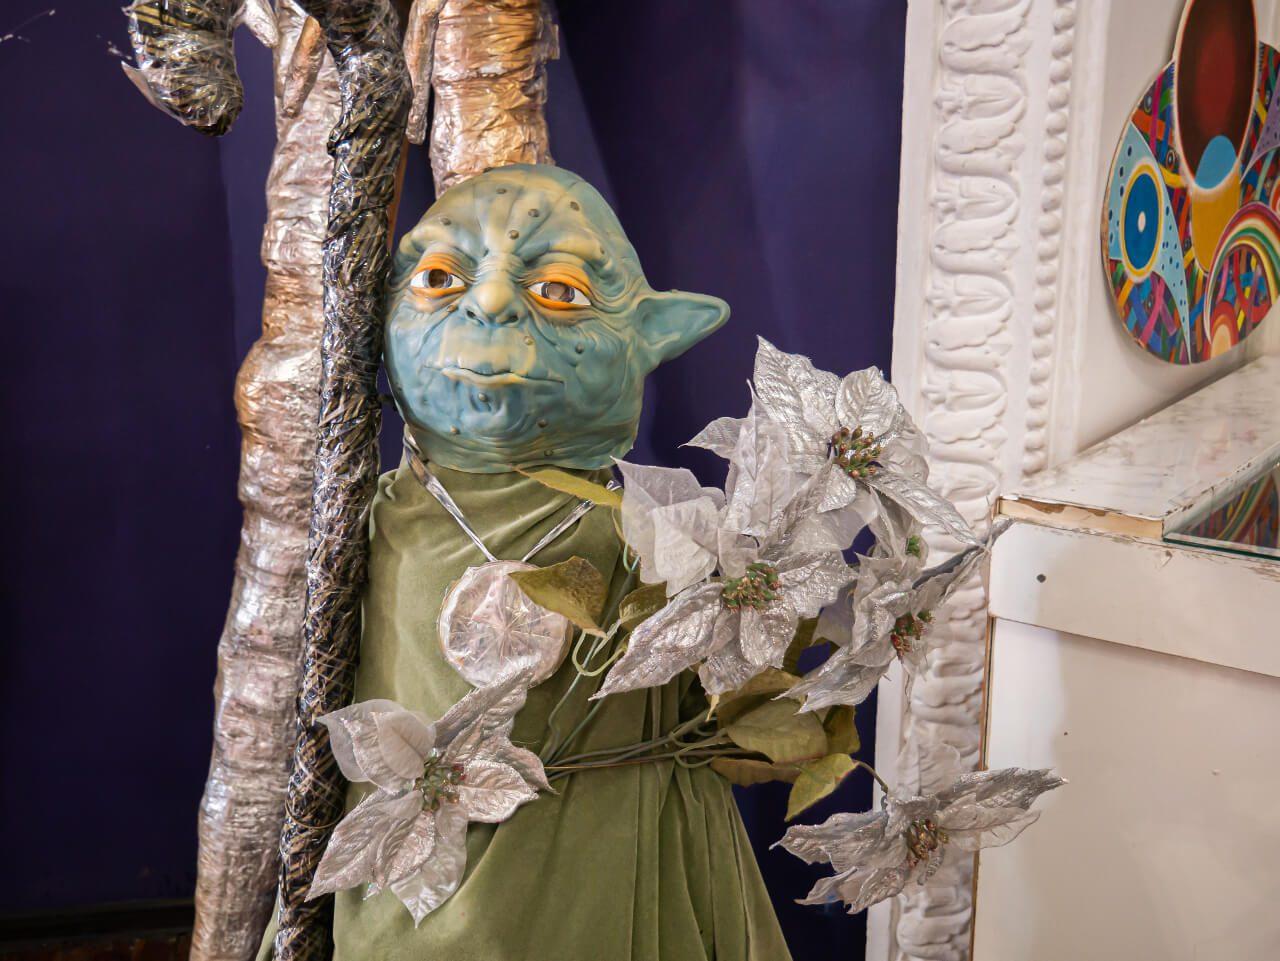 Mistrz Yoda w Planetarium Gagarina w Charkowie